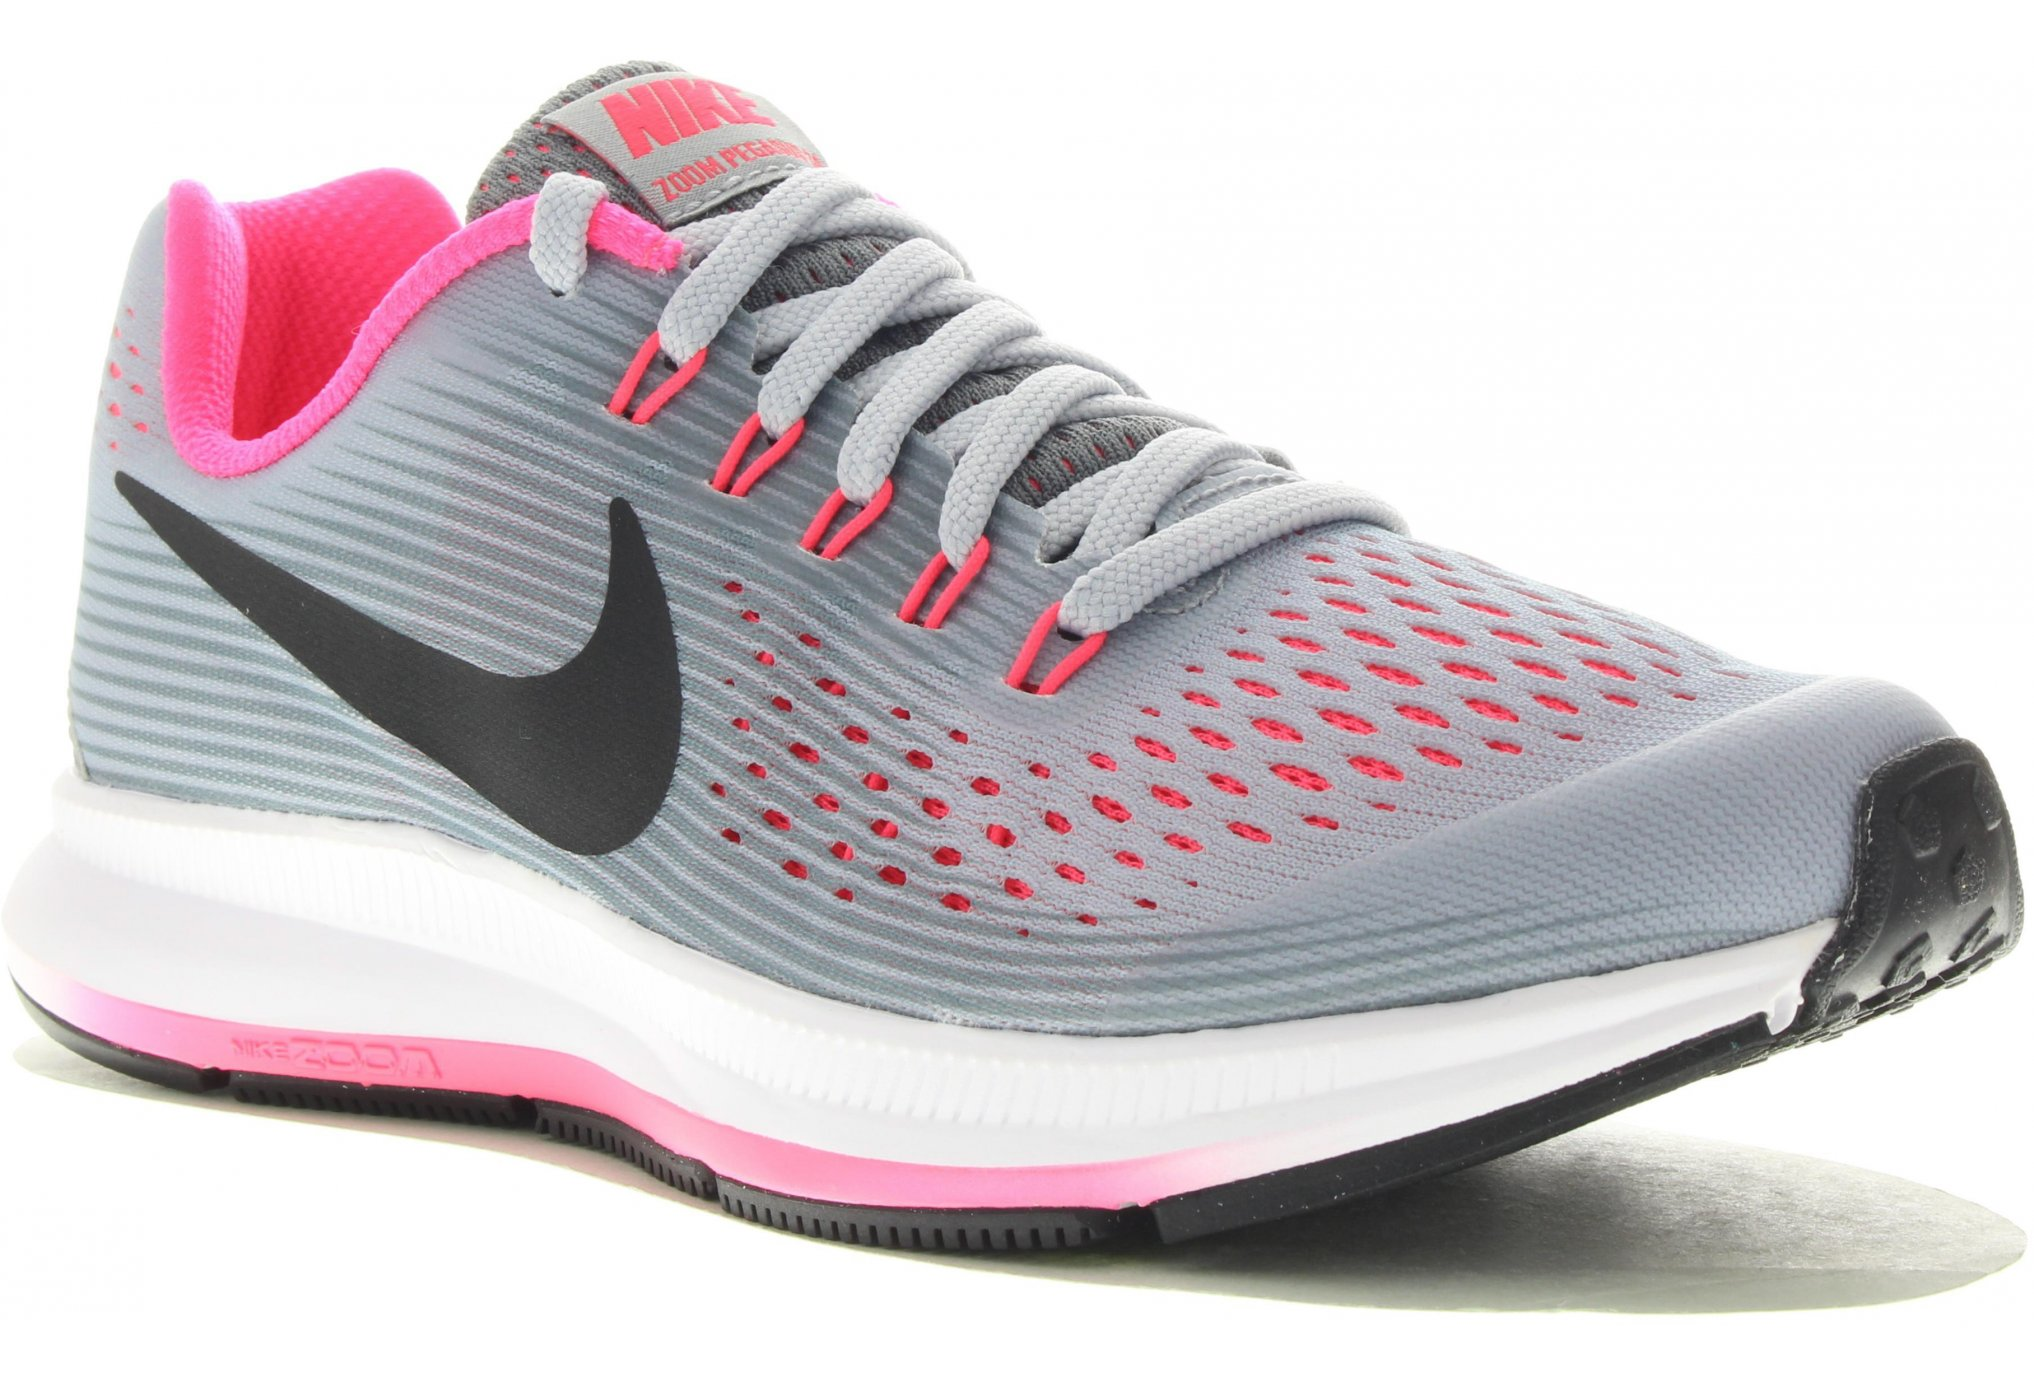 chaussures de séparation 8fda0 cef13 Trail Session - Nike Air Zoom Pegasus 34 GS Chaussures ...